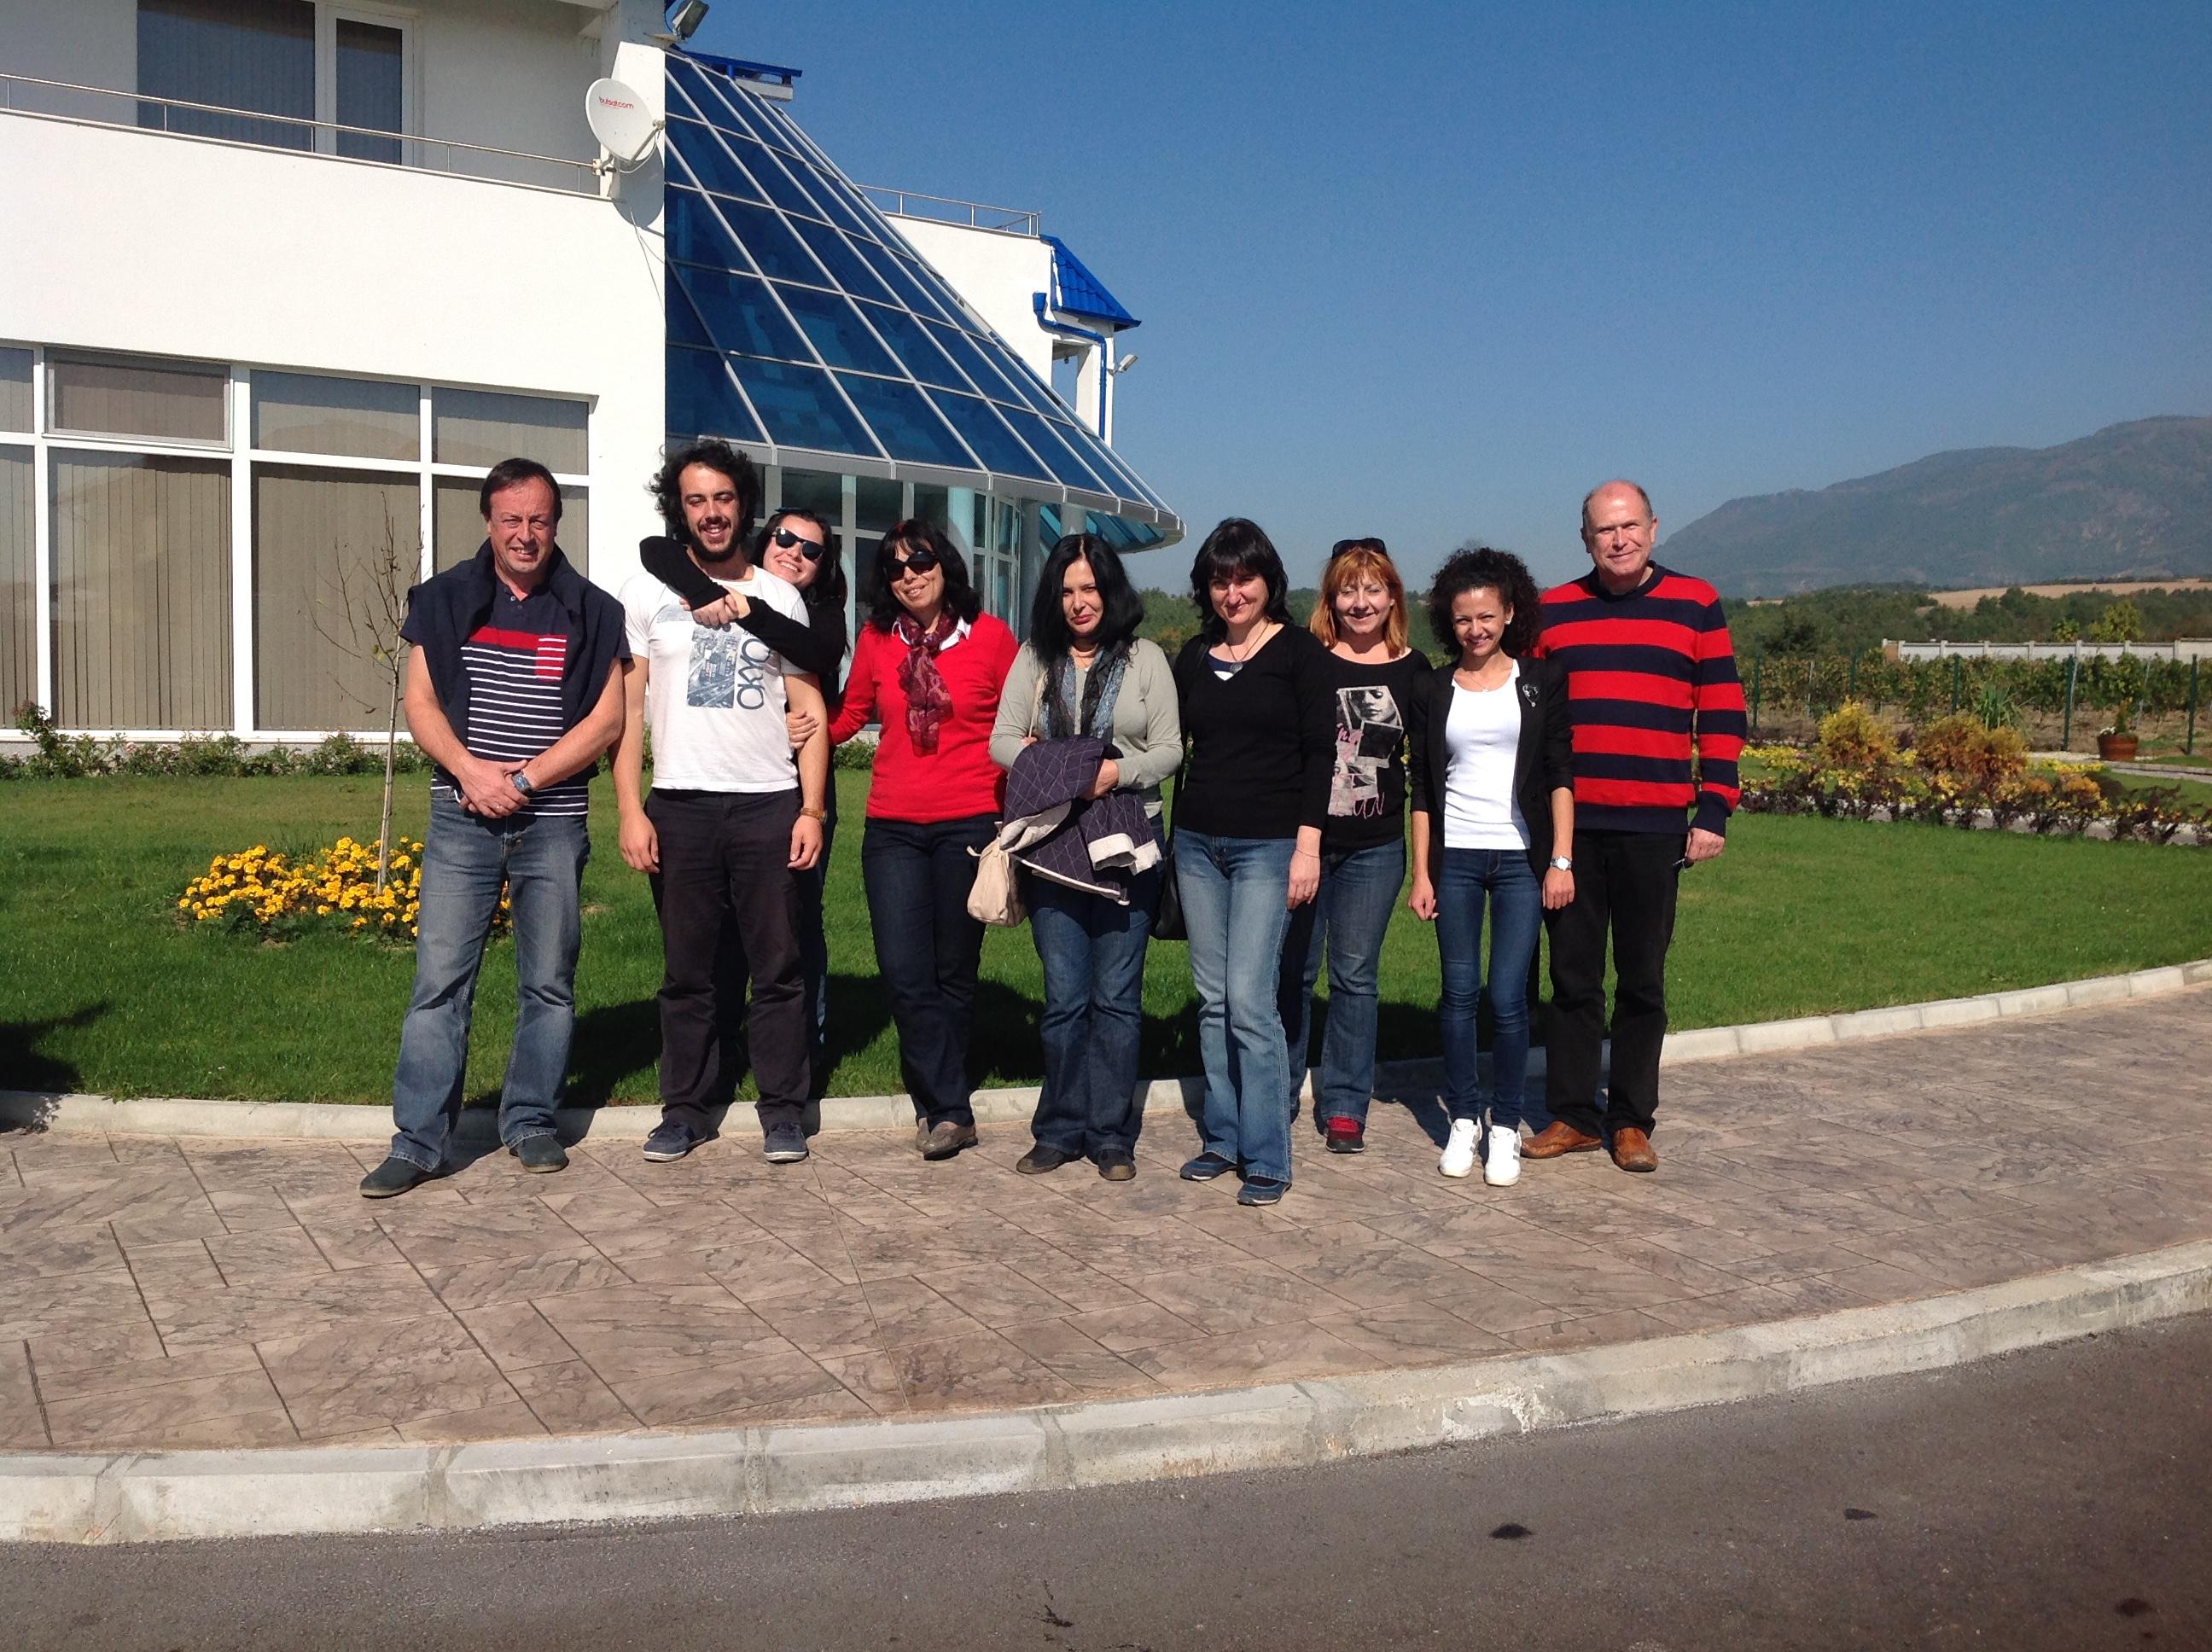 Групата пред Меди Валей